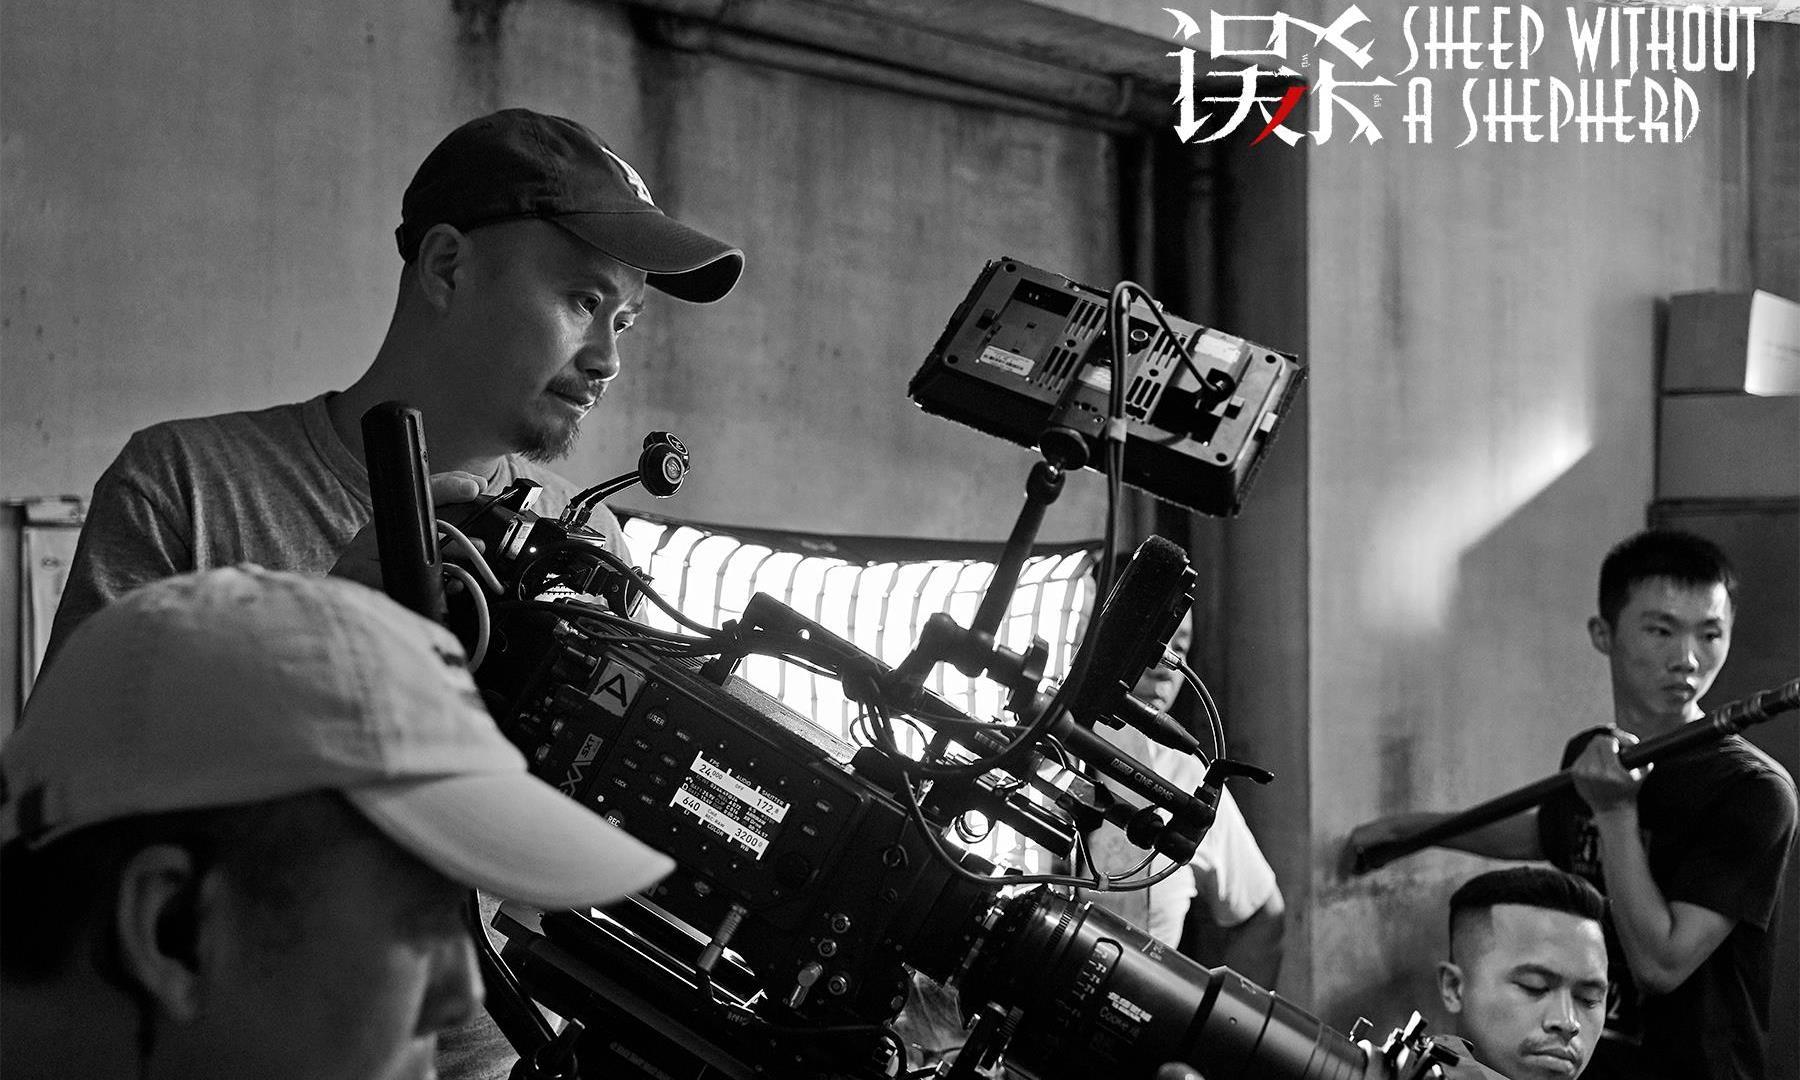 《误杀》曝幕后工作照 陈思诚柯汶利聚焦类型片